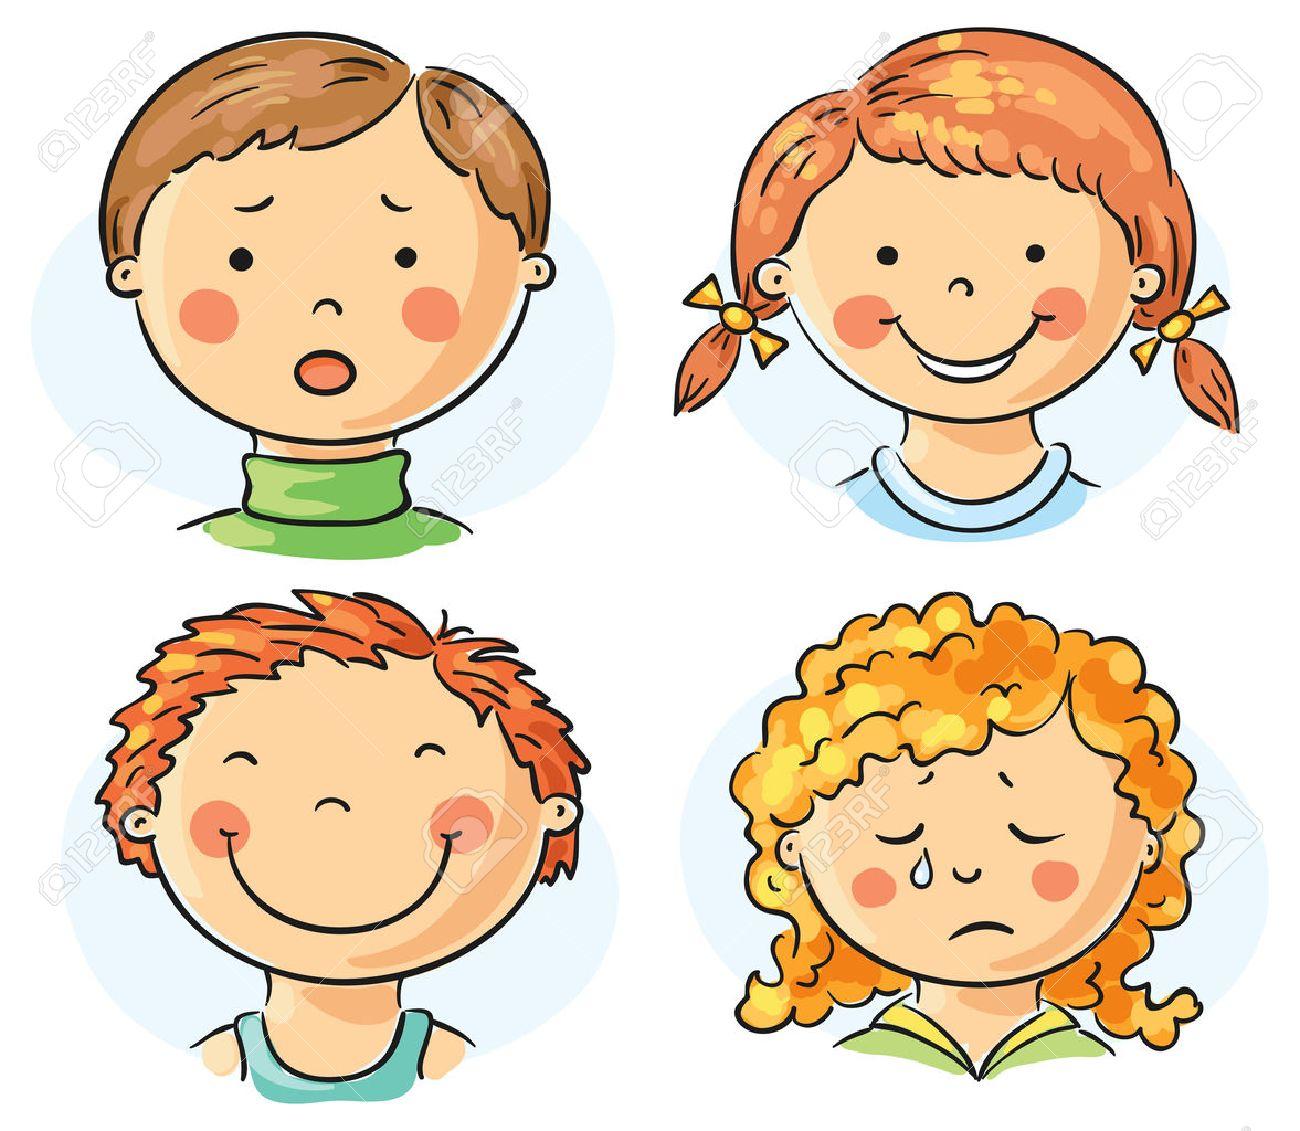 Conjunto De 4 Niños De Dibujos Animados Se Enfrenta Con Diferentes  Emociones Ilustraciones Vectoriales, Clip Art Vectorizado Libre De  Derechos. Image 32787094.